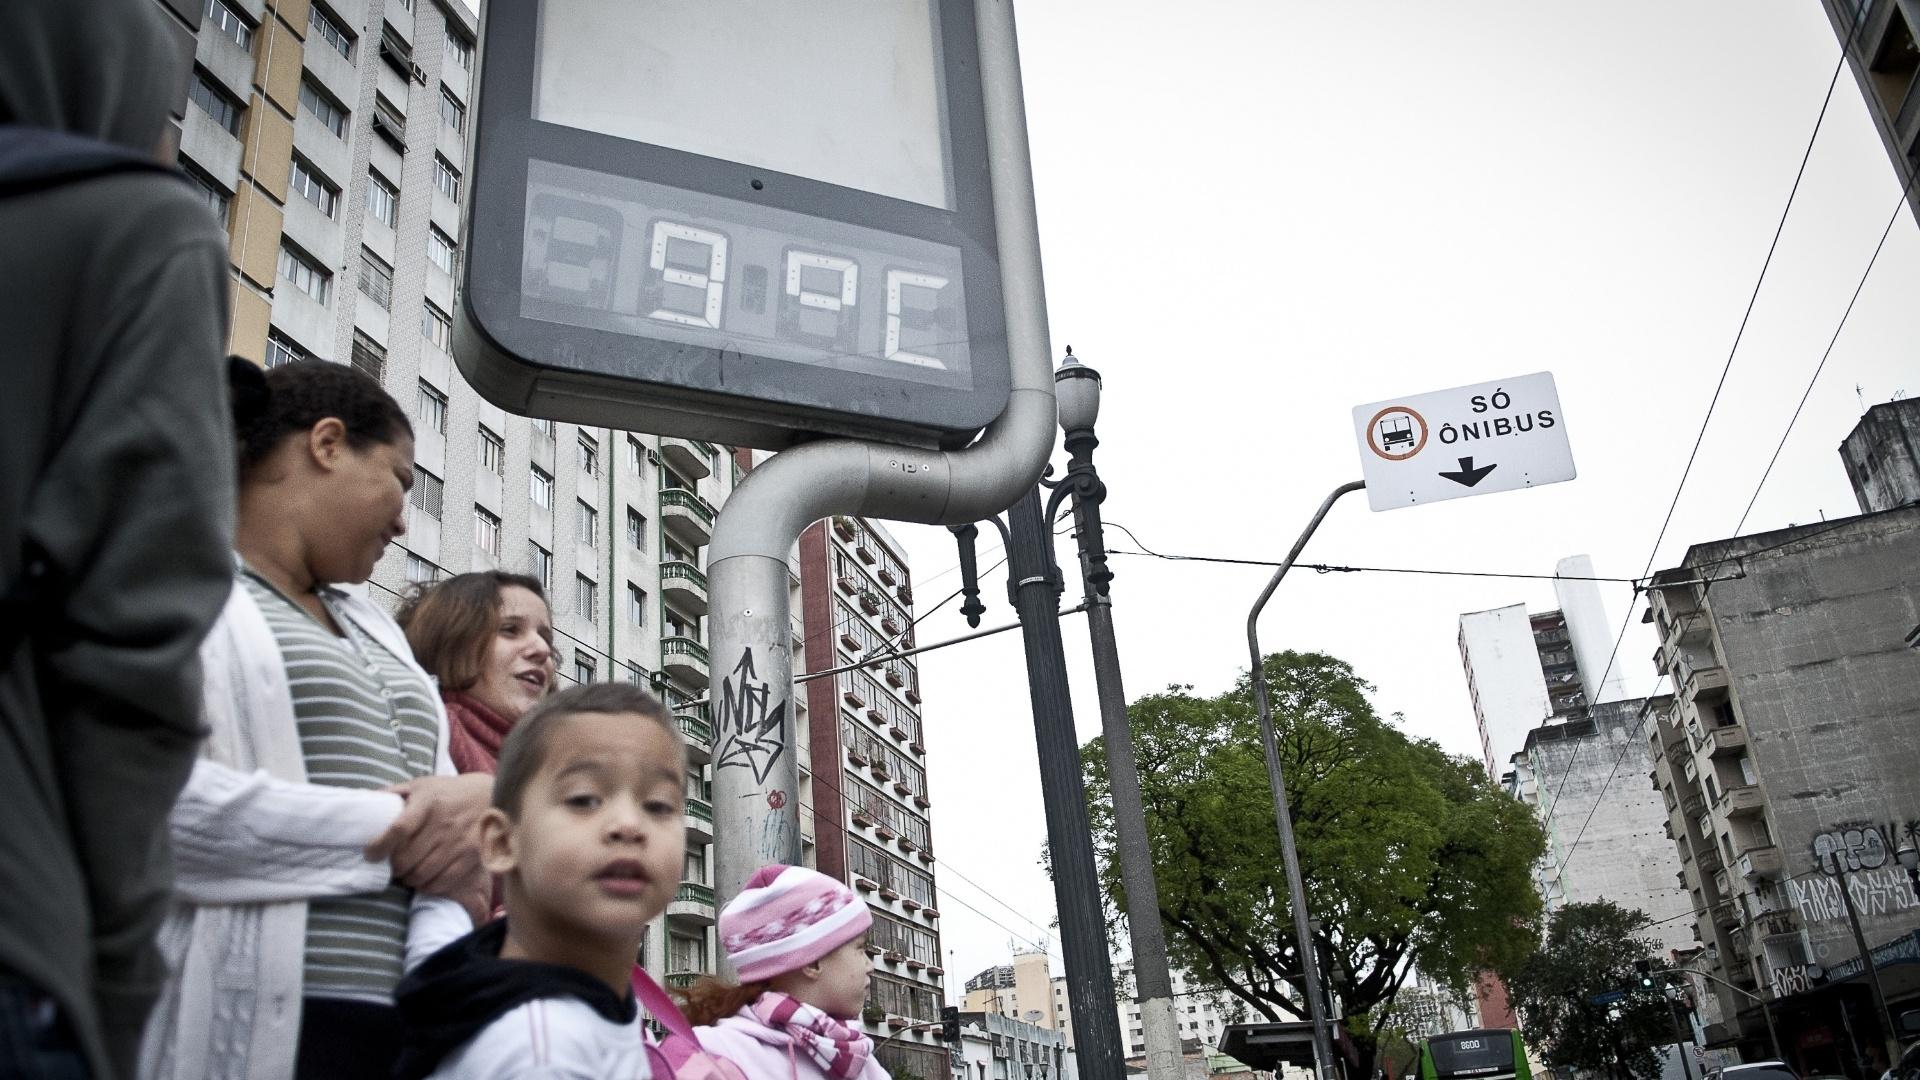 26.set.2012 - Termômetro marca 9°C em São Paulo. Com os ventos, a sensação térmica chegou a -0,5°C em pleno meio-dia